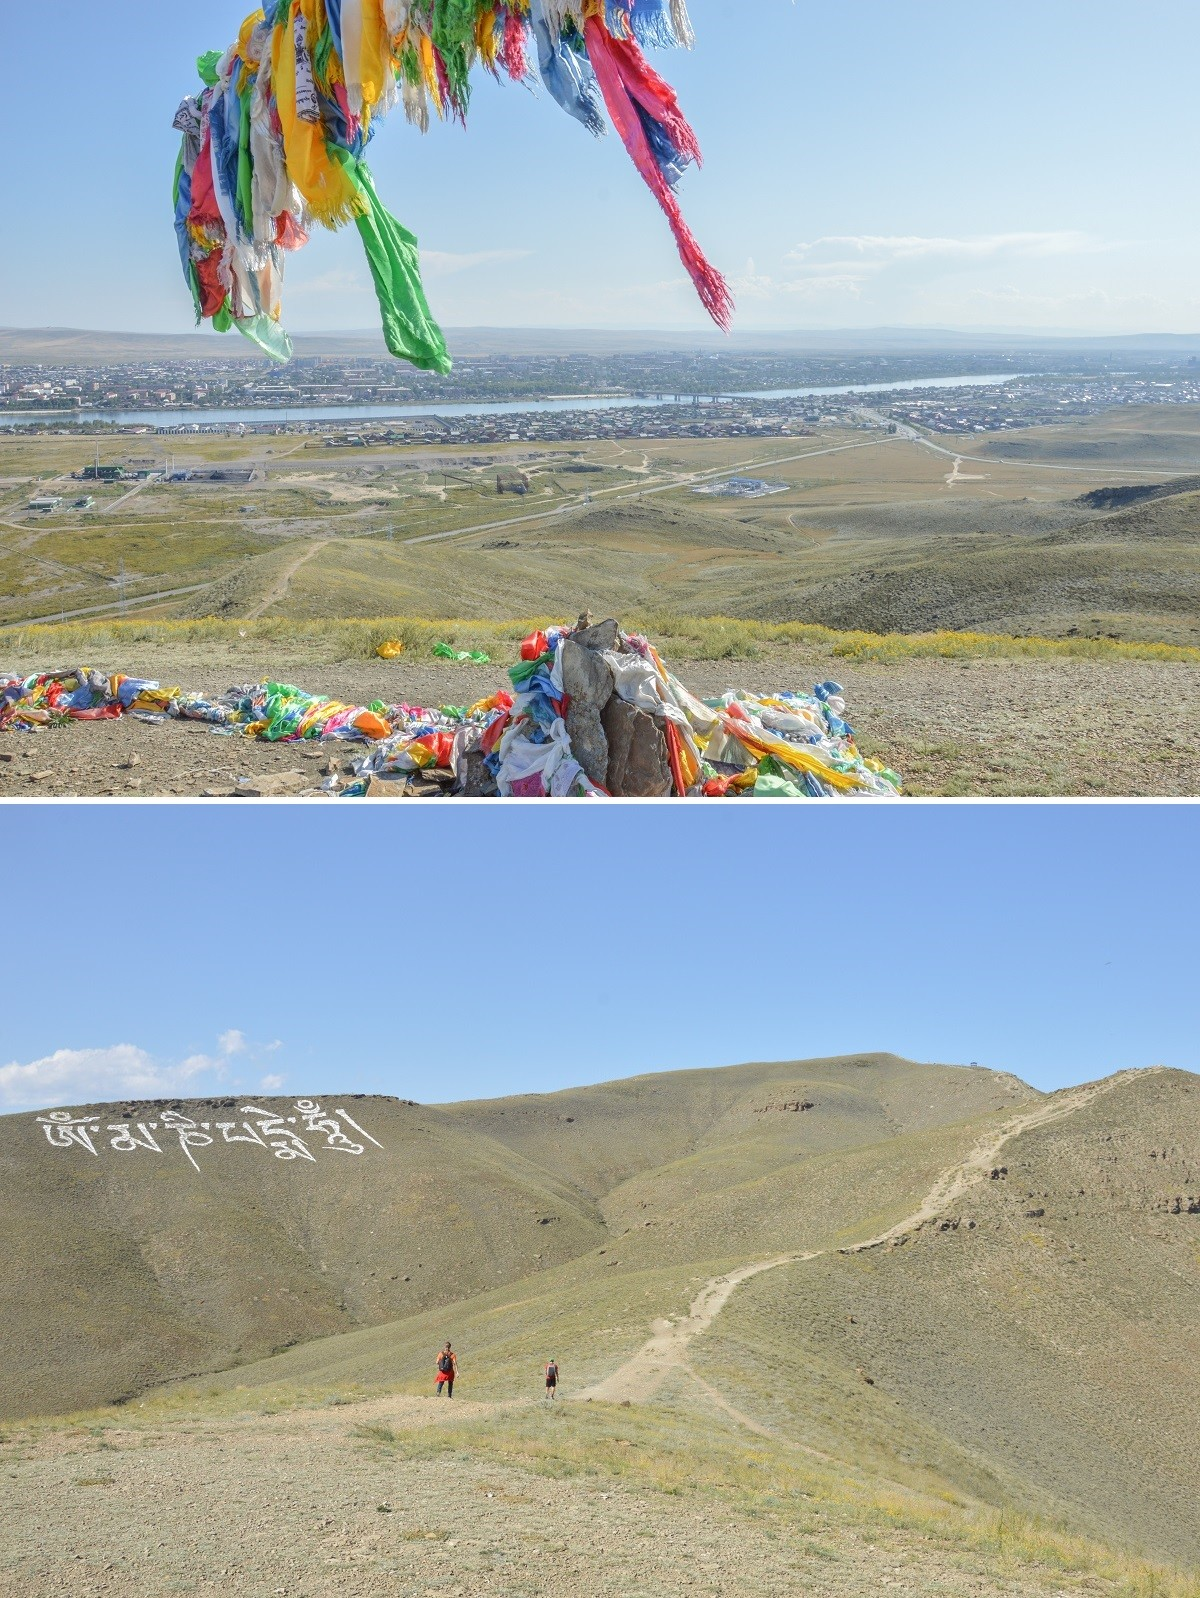 Après avoir entrepris, par une chaleur étouffante, l'ascension du mont sacré Doguèè, s'offre à moi un spectacle inoubliable : Kyzyl s'étendant telle une oasis, tandis que dans mon dos, à flanc de montagne, figure le plus grand mantra bouddhiste au monde.